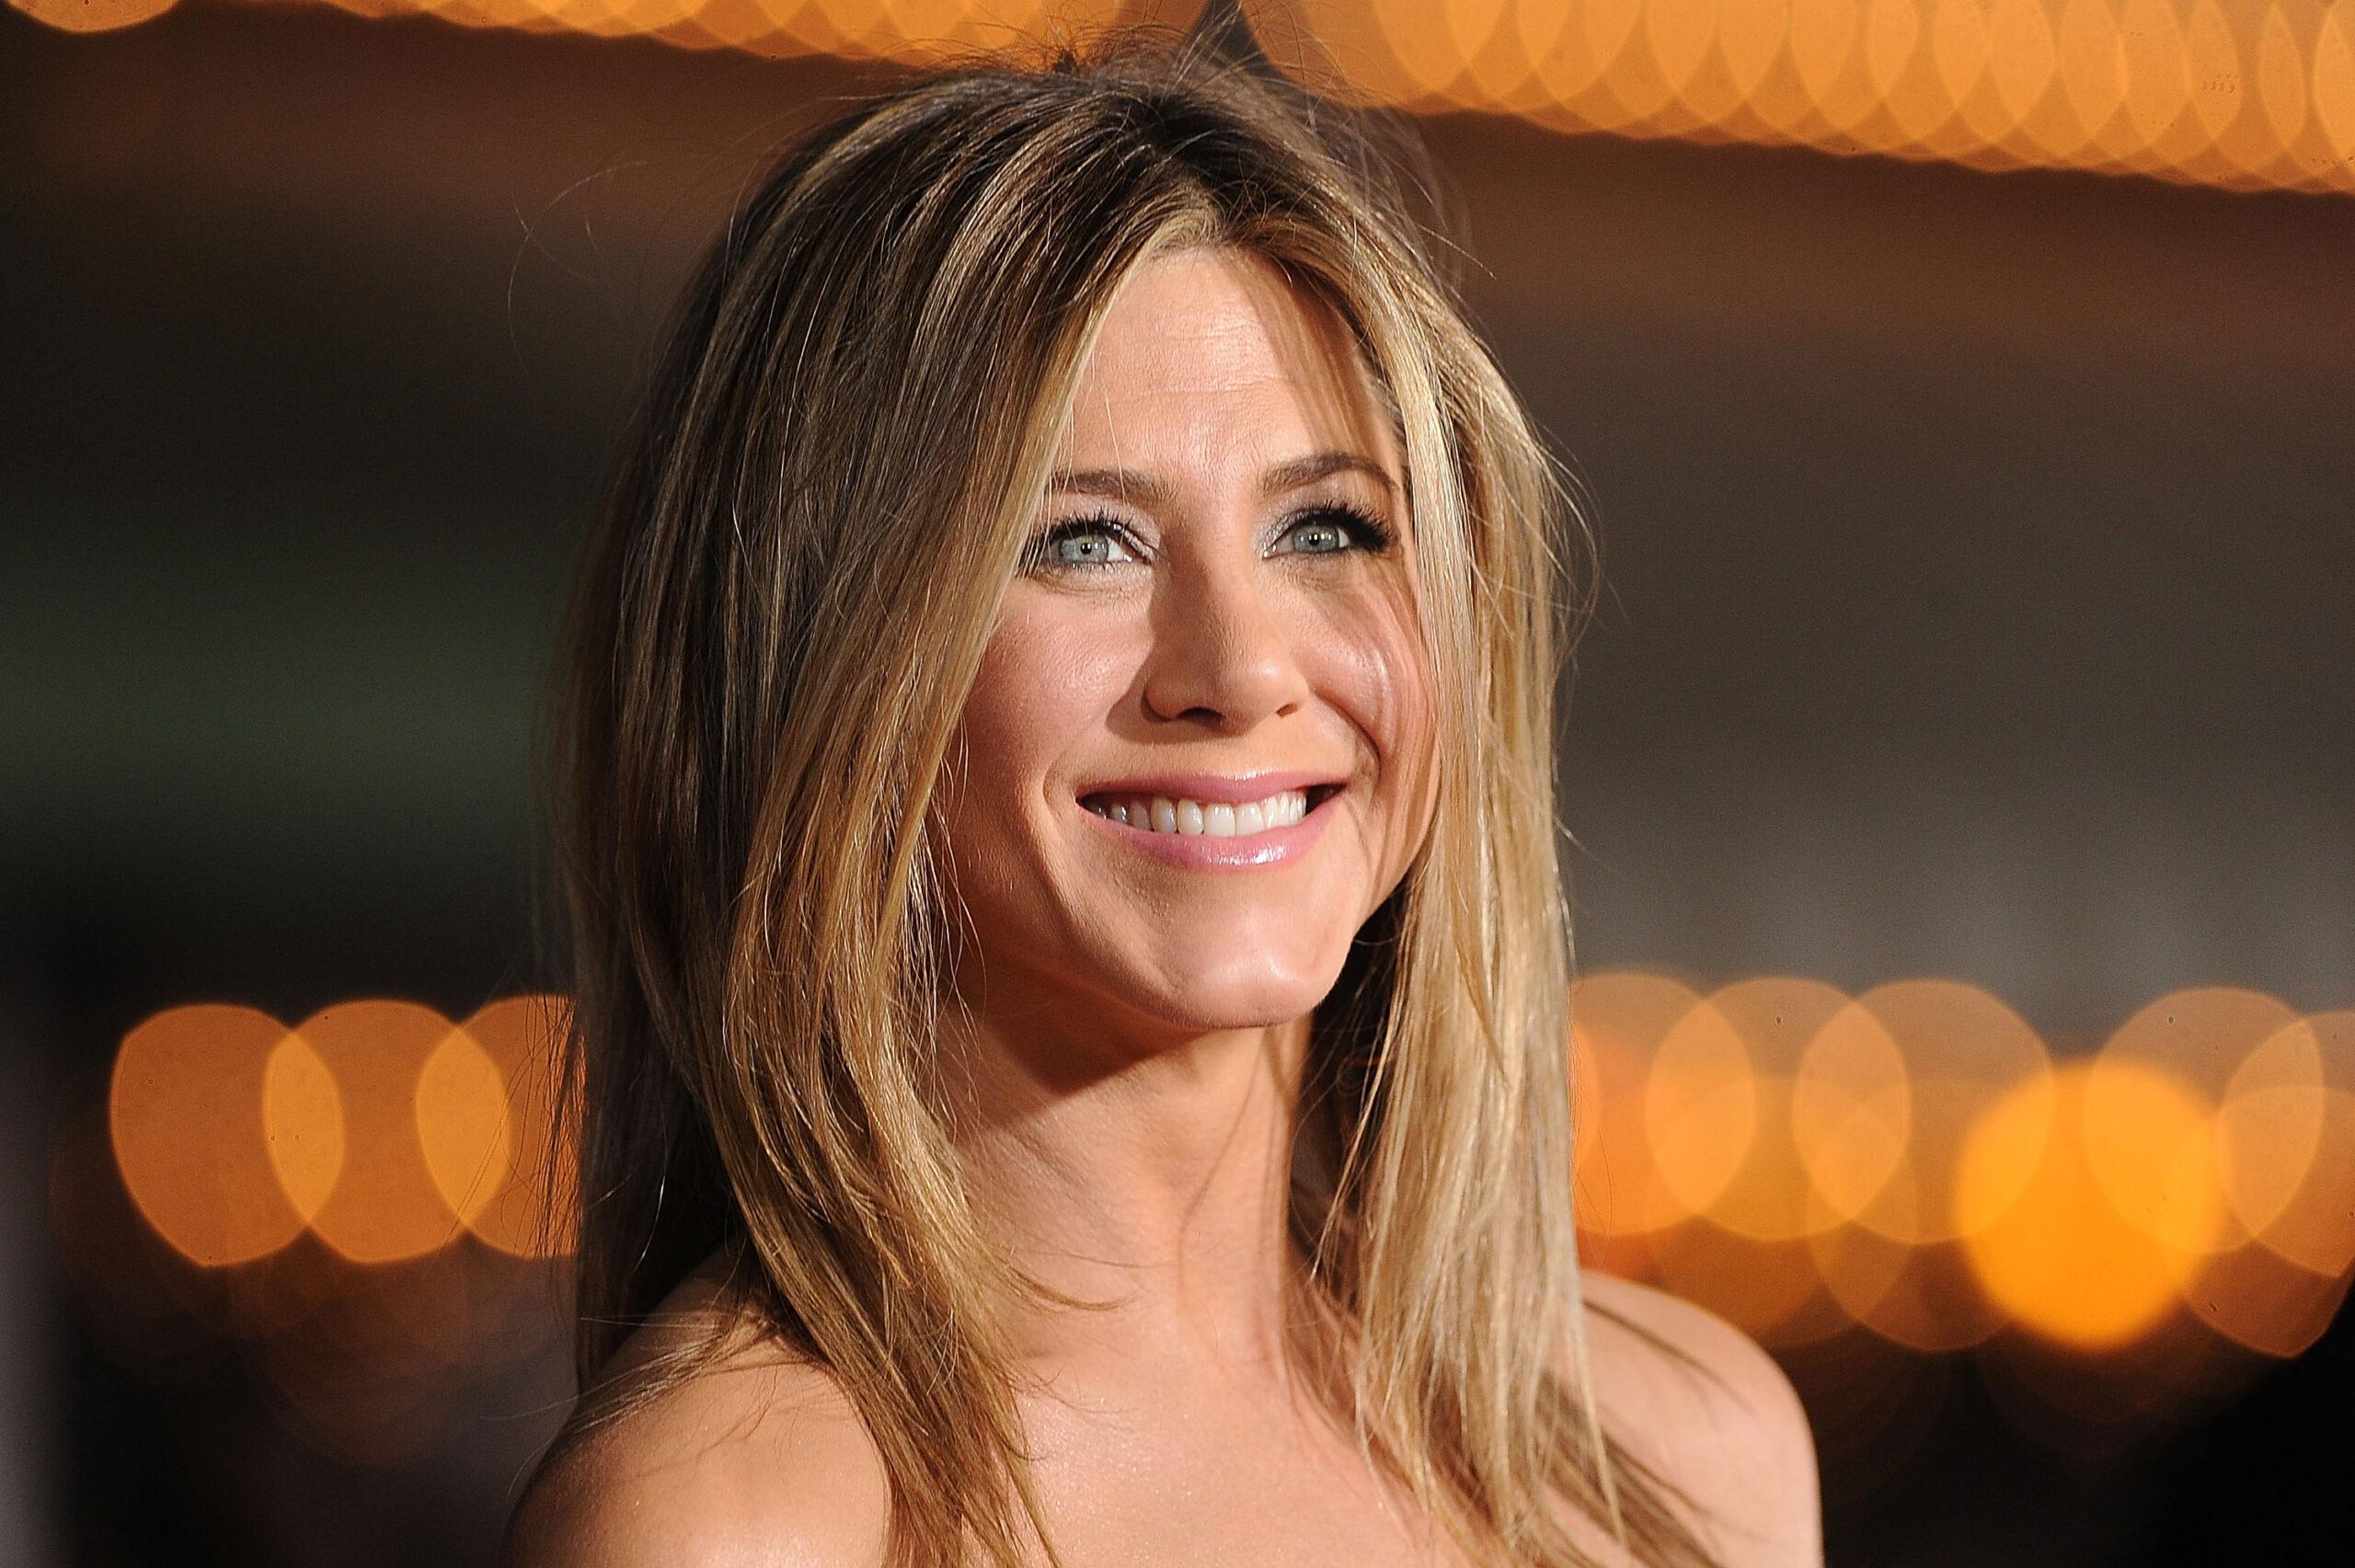 Portret Jennifer Aniston, în lumina reflectoarelor. Actrița zâmbește larg către cameră